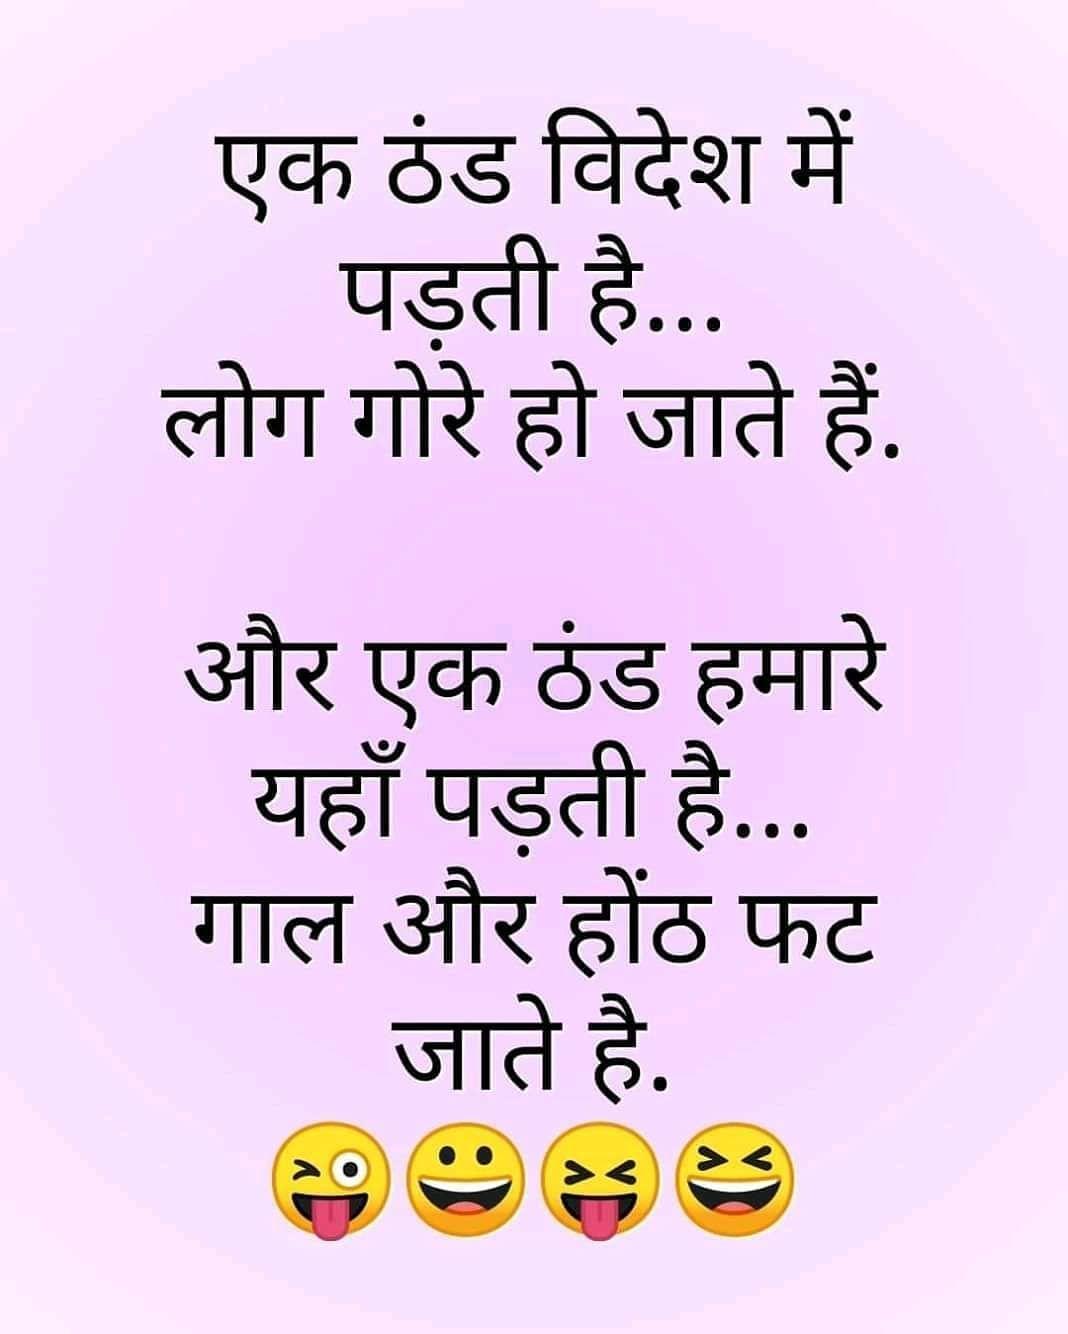 Rambhawanyaduvanshi Rambhawanyaduvanshi Fun Quotes Funny Jokes Quotes Funny Good Morning Quotes